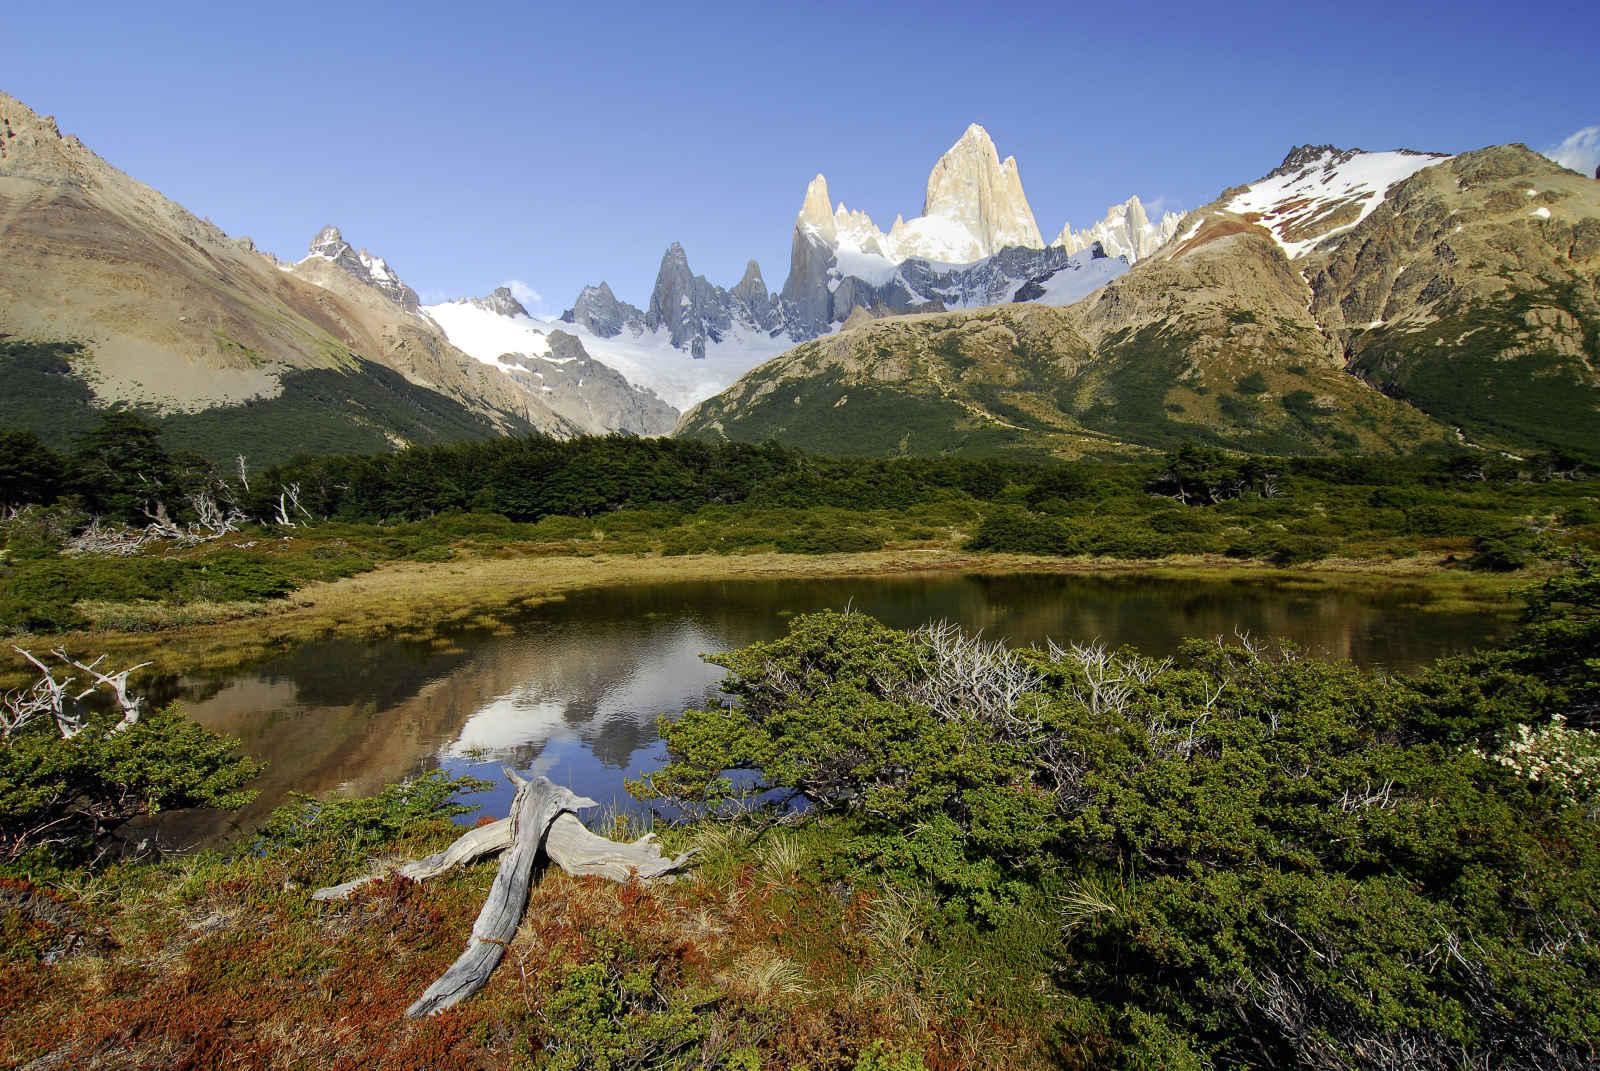 Argentine express